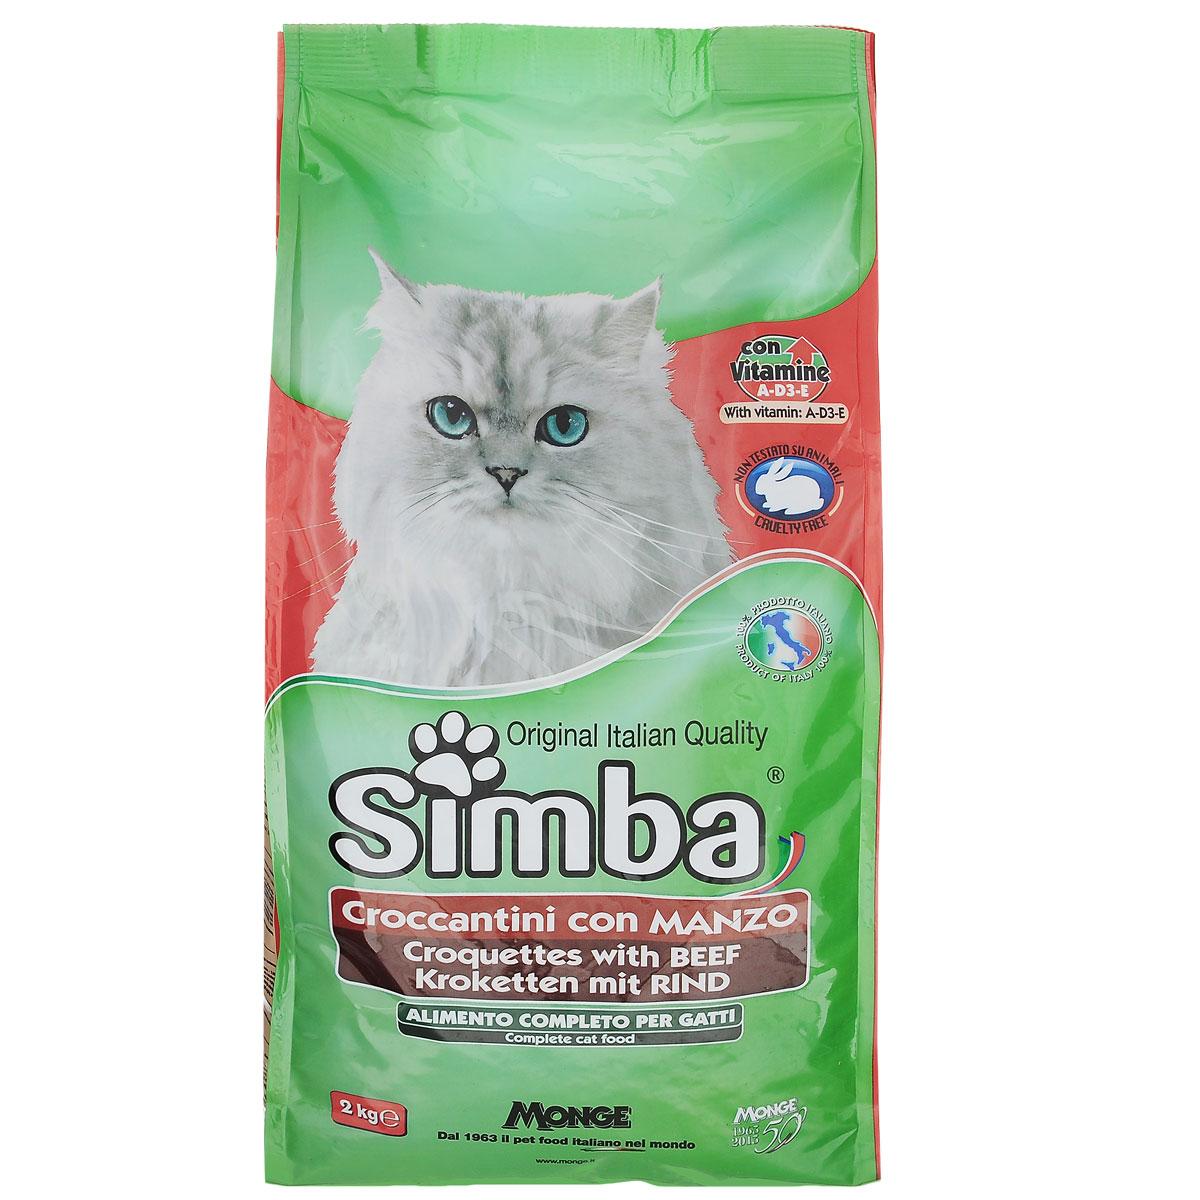 Корм сухой для кошек Monge Simba, с говядиной, 2 кг70009041Сухой корм для кошек Monge Simba - комплексный сбалансированный корм для кошек. Состав: злаки, мясо и мясопродукты (говядина мин. 5%), субпродукты растительного происхождения, растительные масла, жиры, дрожжи, минеральные вещества. Анализ компонентов: белок 26%, необработанные масла и жиры 11%, необработанные пищевые волокна 2,5%, необработанная зола 8,5%. Пищевые добавки (на 1 кг): витамин А 11500 МЕ, витамин D3 800 МЕ, витамин Е 80 мг, сульфат марганца 43 мг (марганец 15 мг), оксид цинка 90 мг (цинк 60 мг), сульфат меди 22 мг (медь 5,5 мг), сульфат железа 150 мг (железо 50 мг), селенид натрия 0,20 мг (селен 0,09 мг), йодид кальция 1,15 мг (йод 0,7 мг). Аминокислоты: таурин 500 мг/кг. Вес: 2 кг. Товар сертифицирован.